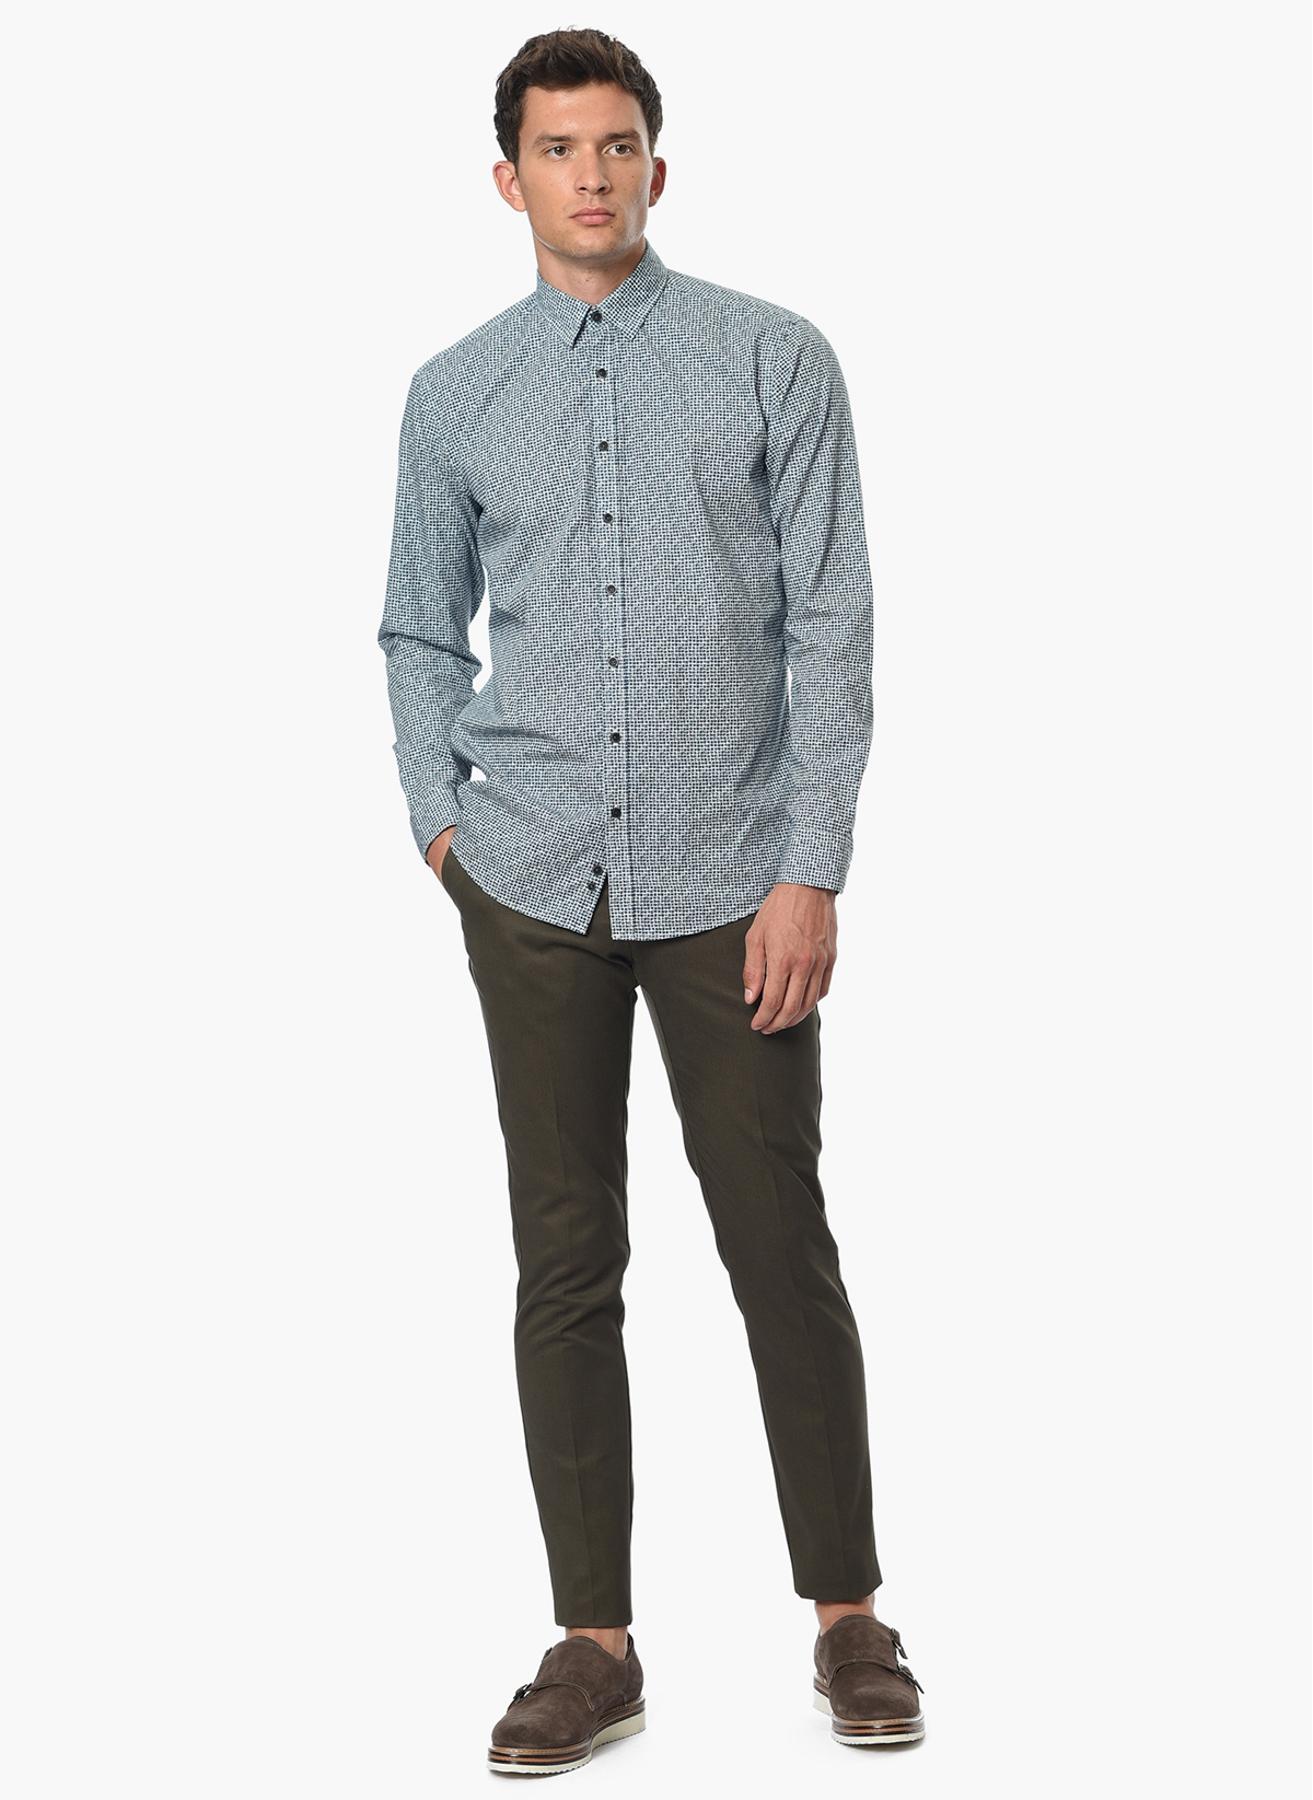 George Hogg Casual Yağ Yeşili Klasik Pantolon 46-6 5001699245001 Ürün Resmi